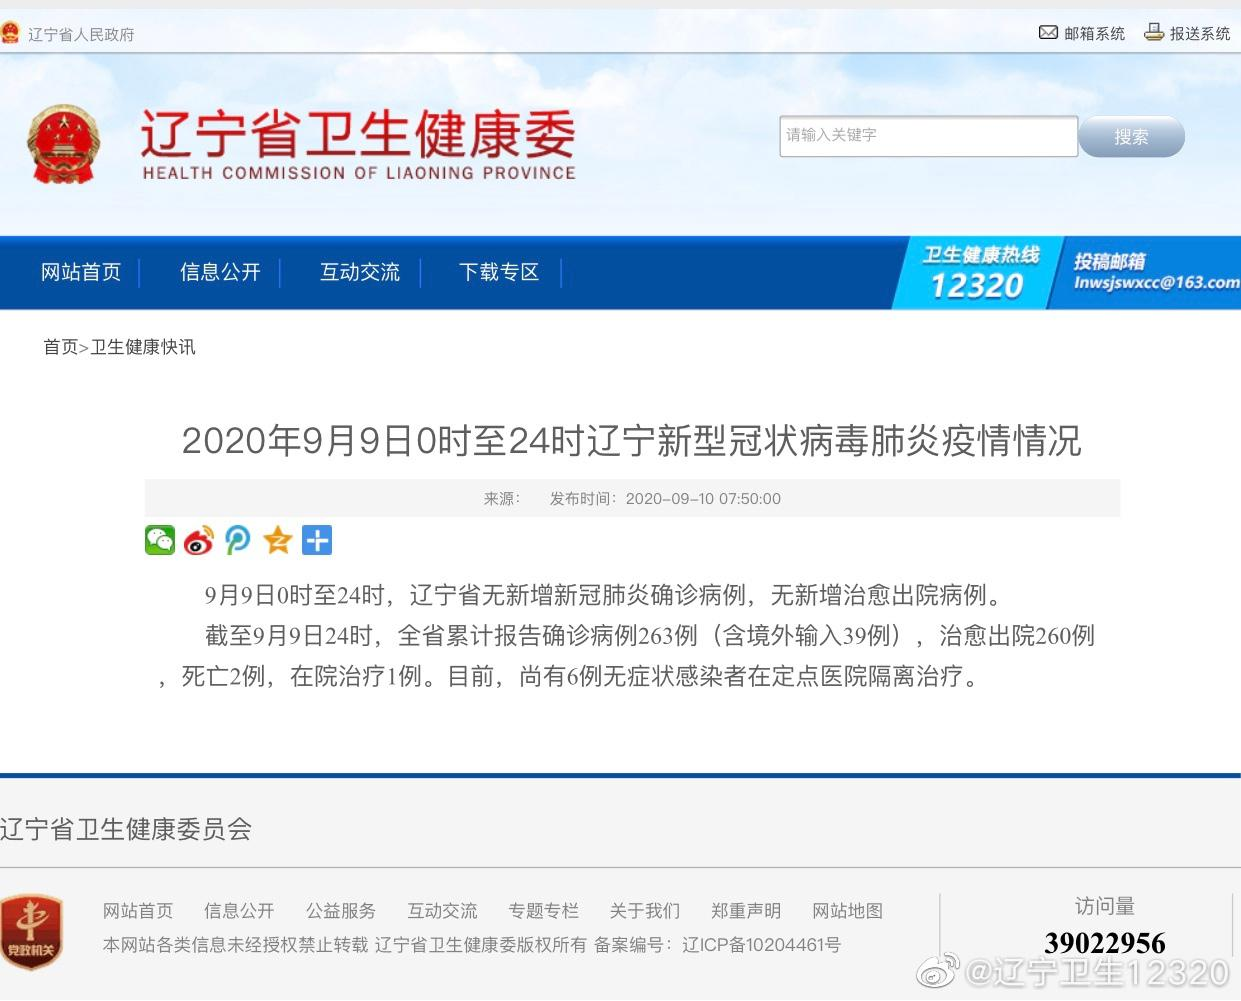 2020年9月9日0时至24时辽宁新型冠状病毒肺炎疫情情况